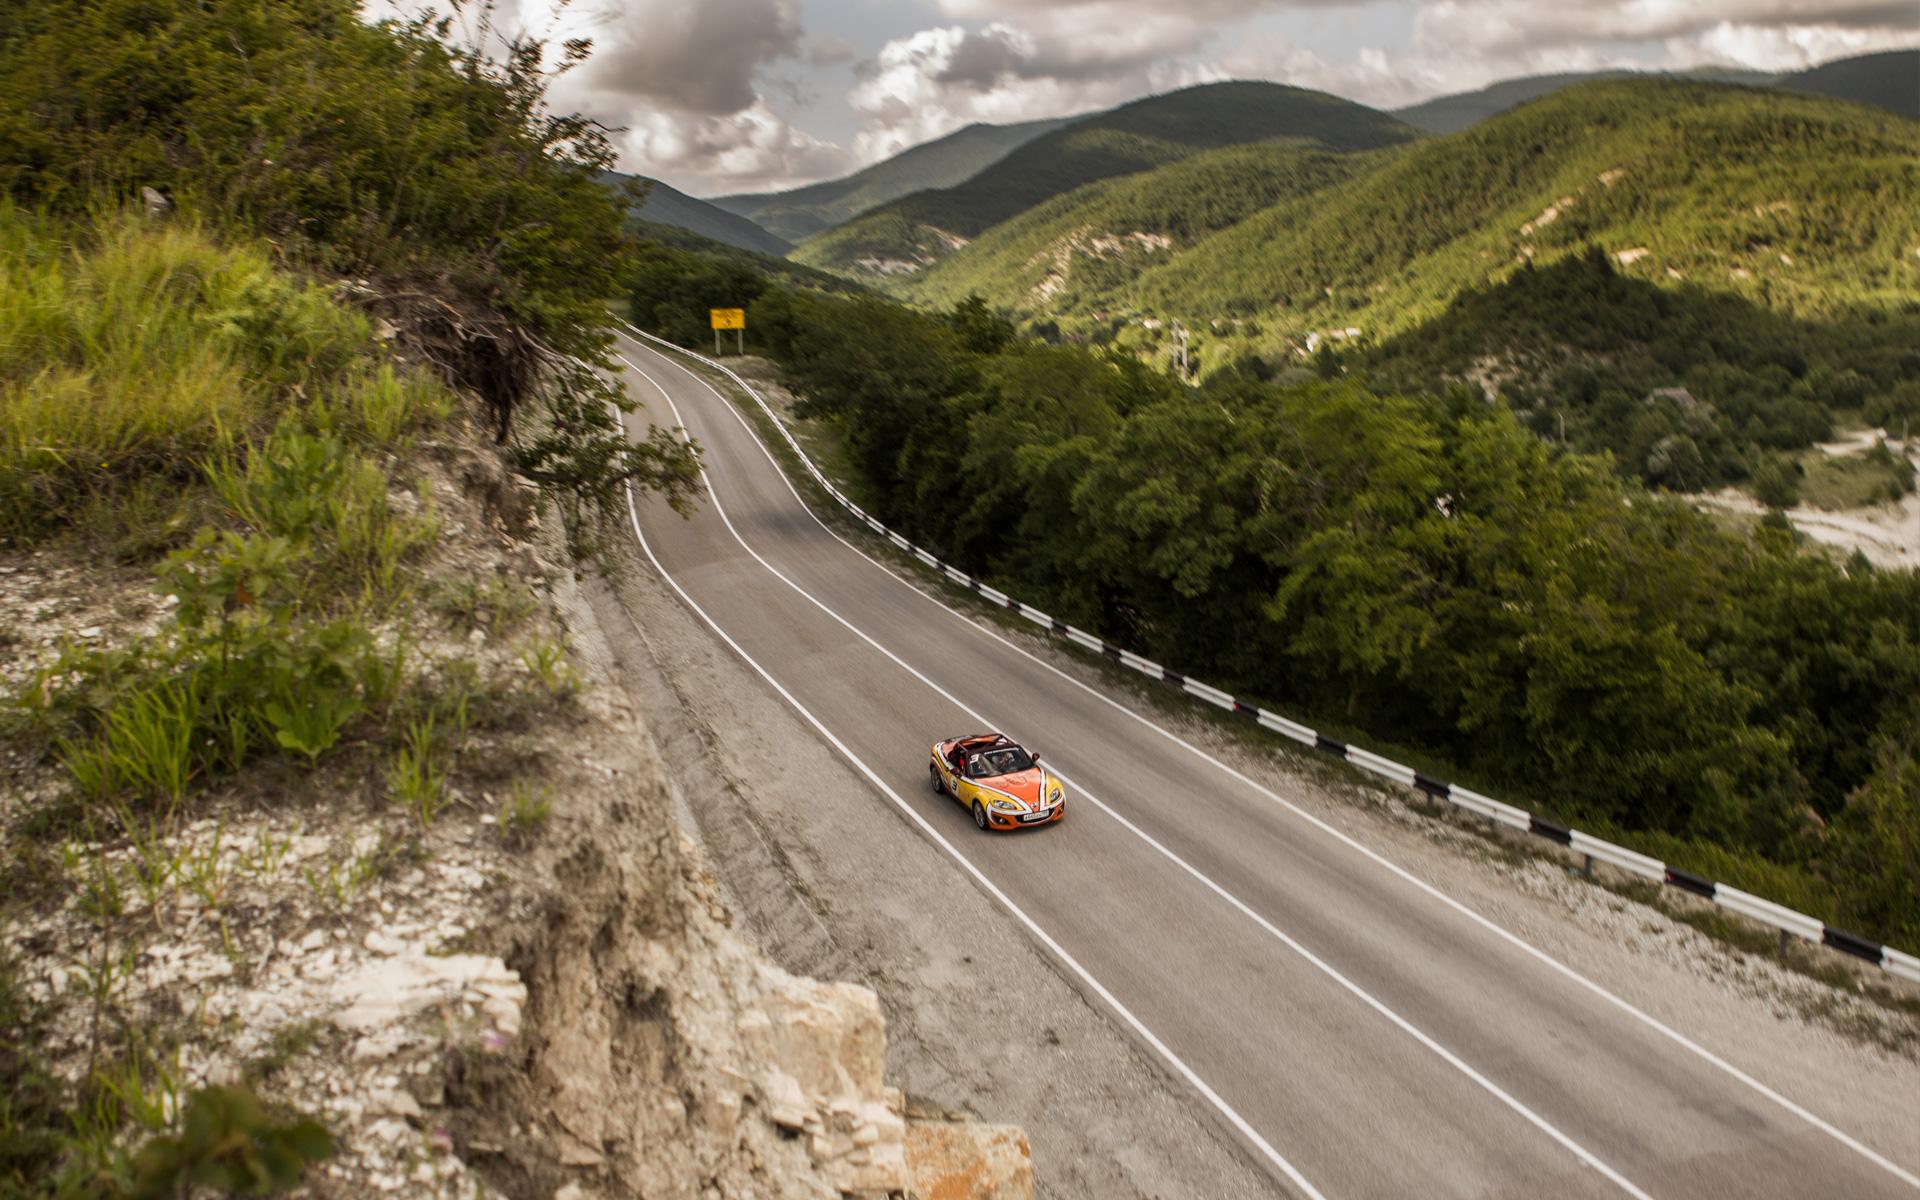 Ищем драйверские дороги России за рулем Mazda MX-5 Aori. Фото 16